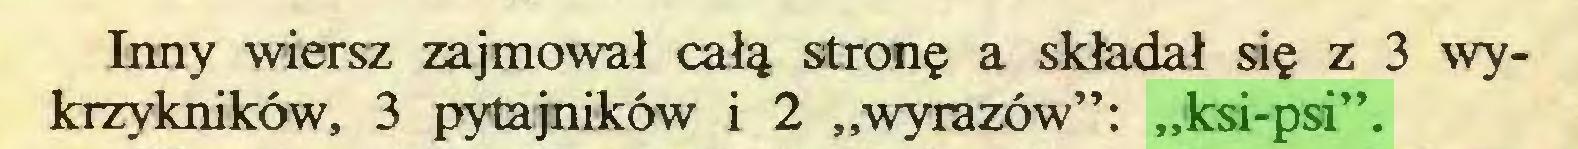 """(...) Inny wiersz zajmował całą stronę a składał się z 3 wykrzykników, 3 pytajników i 2 """"wyrazów"""": """"ksi-psi""""..."""